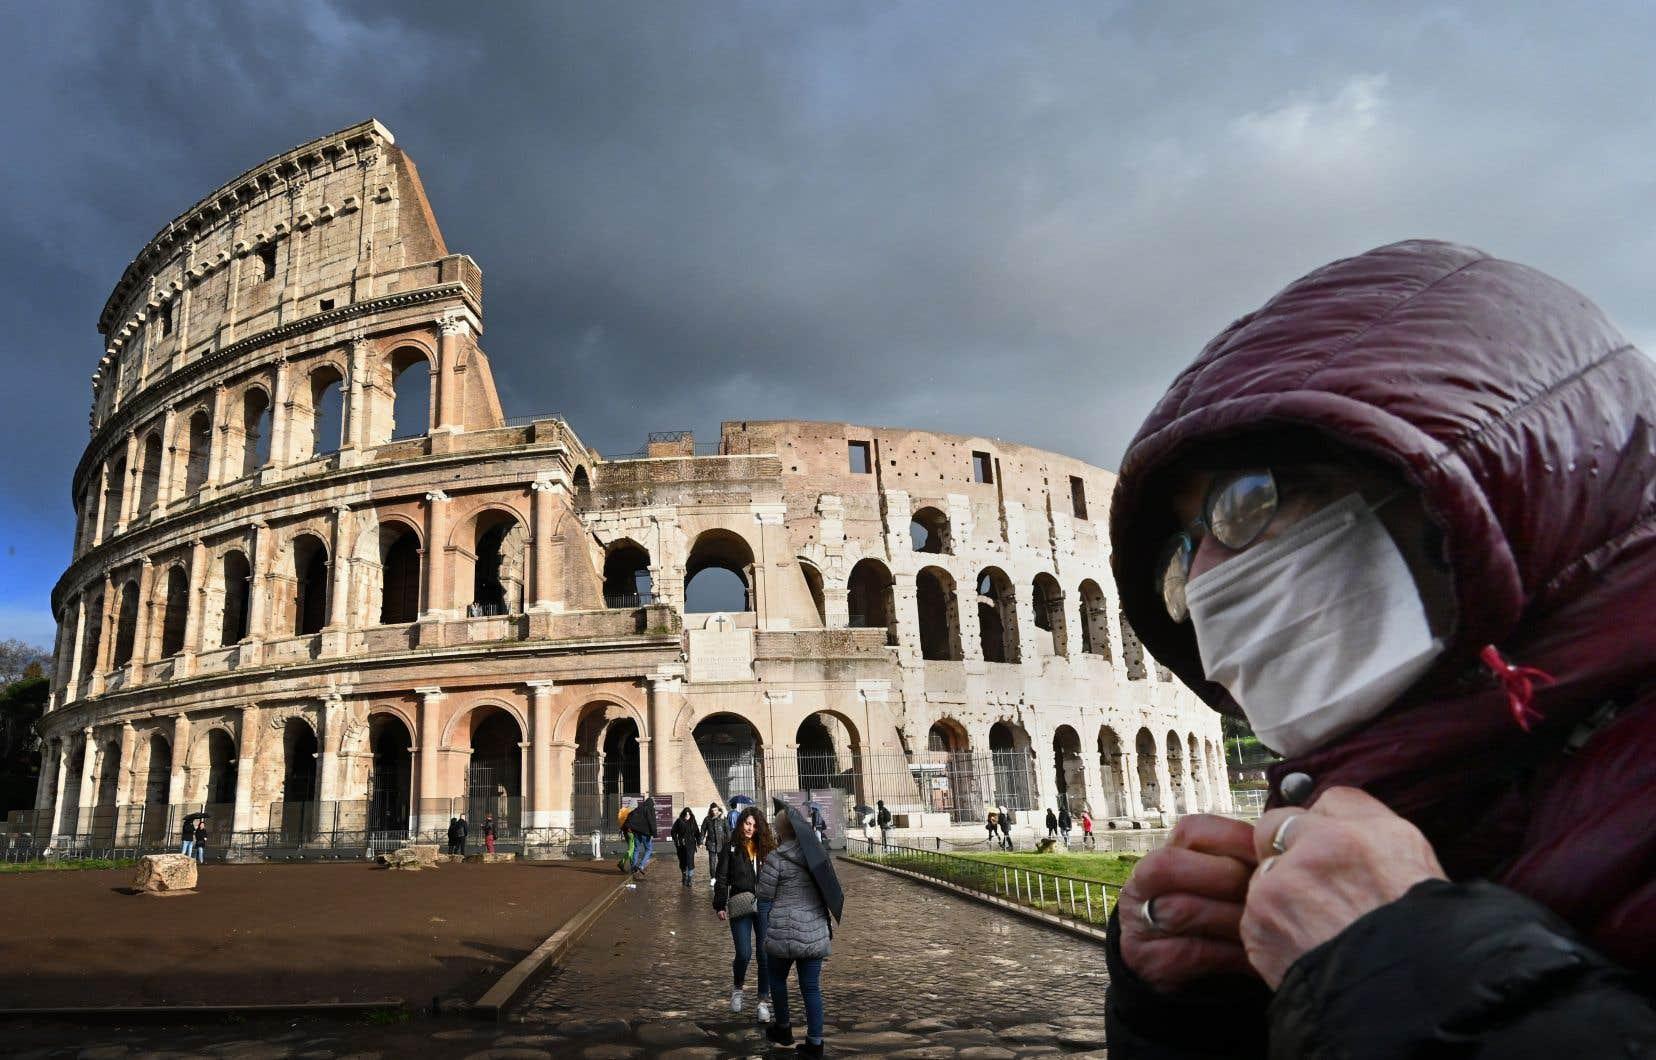 La grande majorité des Italiens semblent à présent accepter et respecter les mesures restrictives, comme le montrent les rues désertes des principales métropoles italiennes, de Milan à Naples, en passant par Rome et Florence, bien loin des foules observées il y a deux semaines.